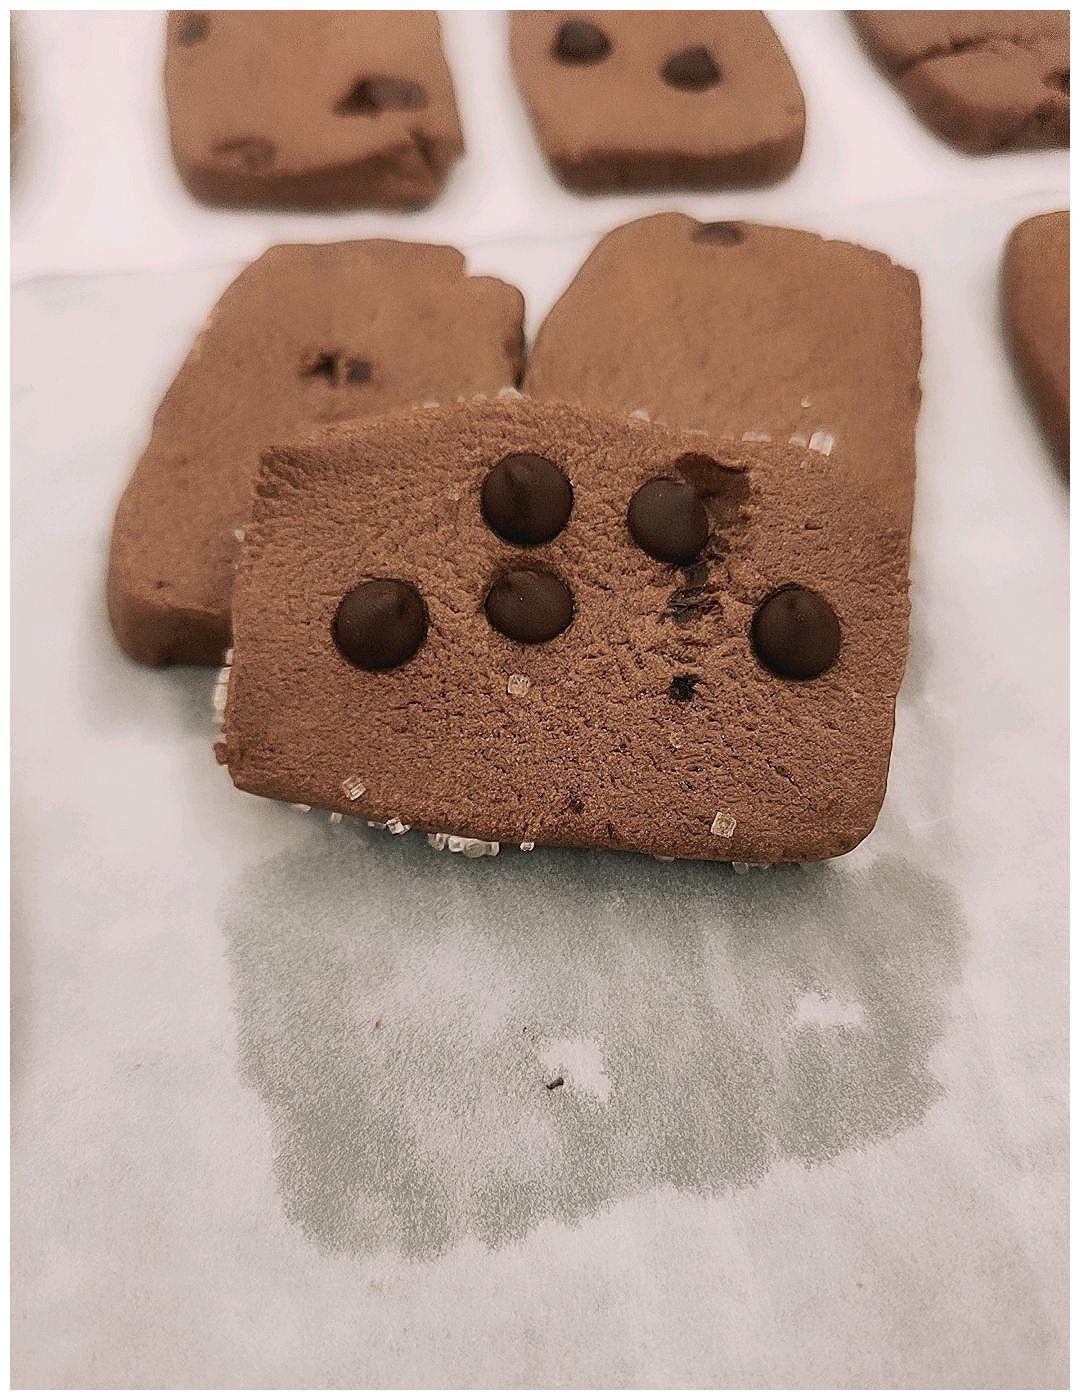 可可粒巧克力饼干